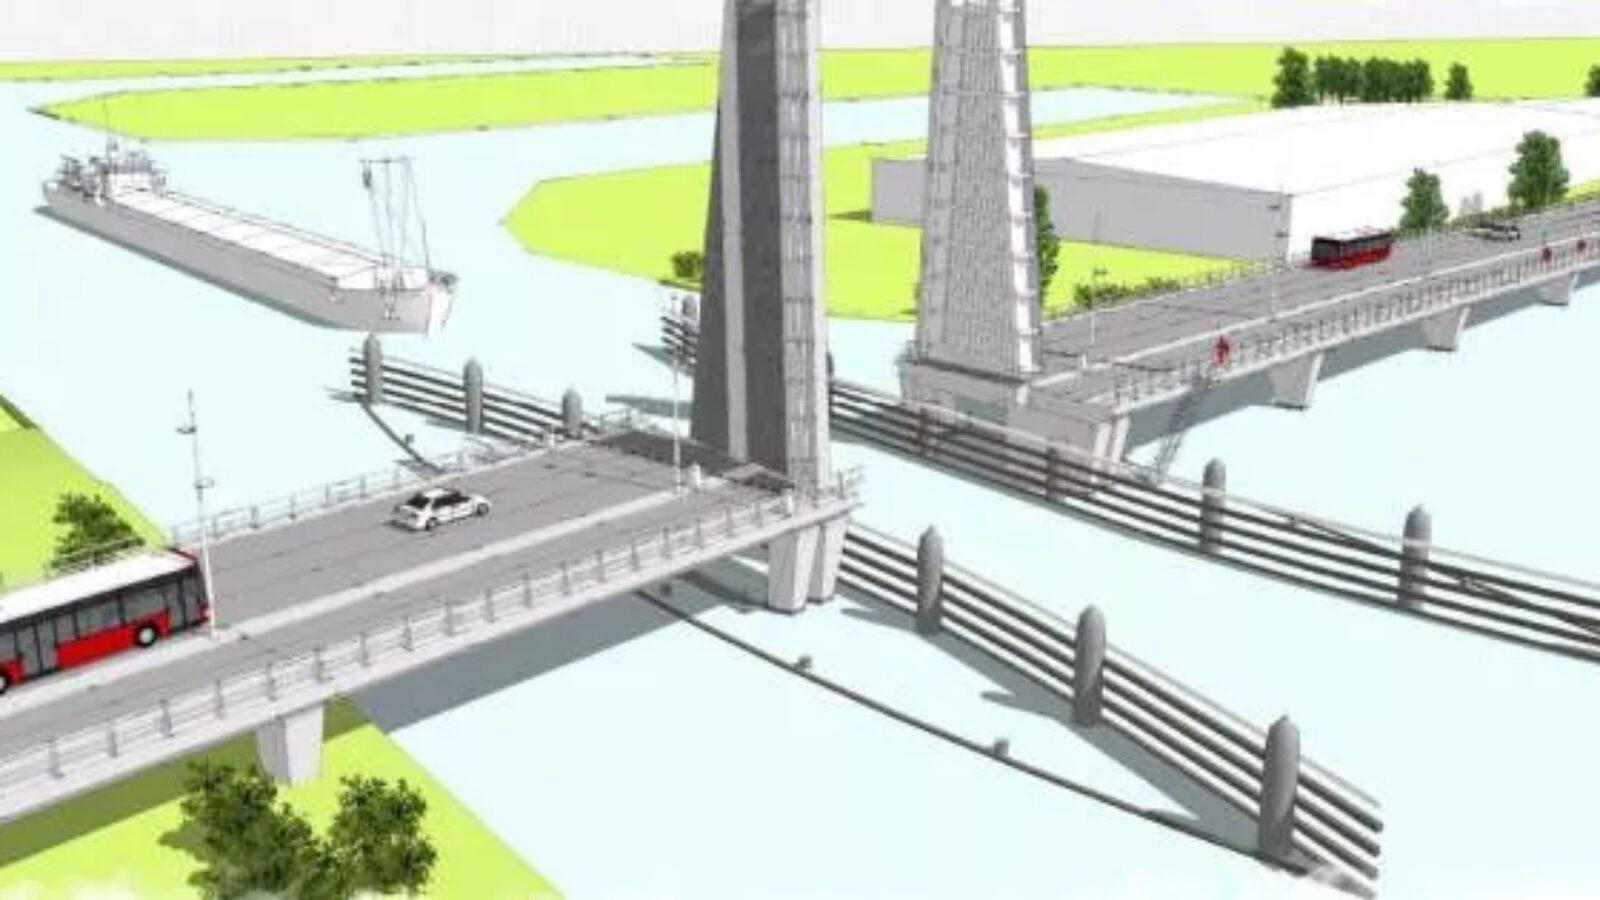 De Sontbrug; langste brug van Groningen in wording